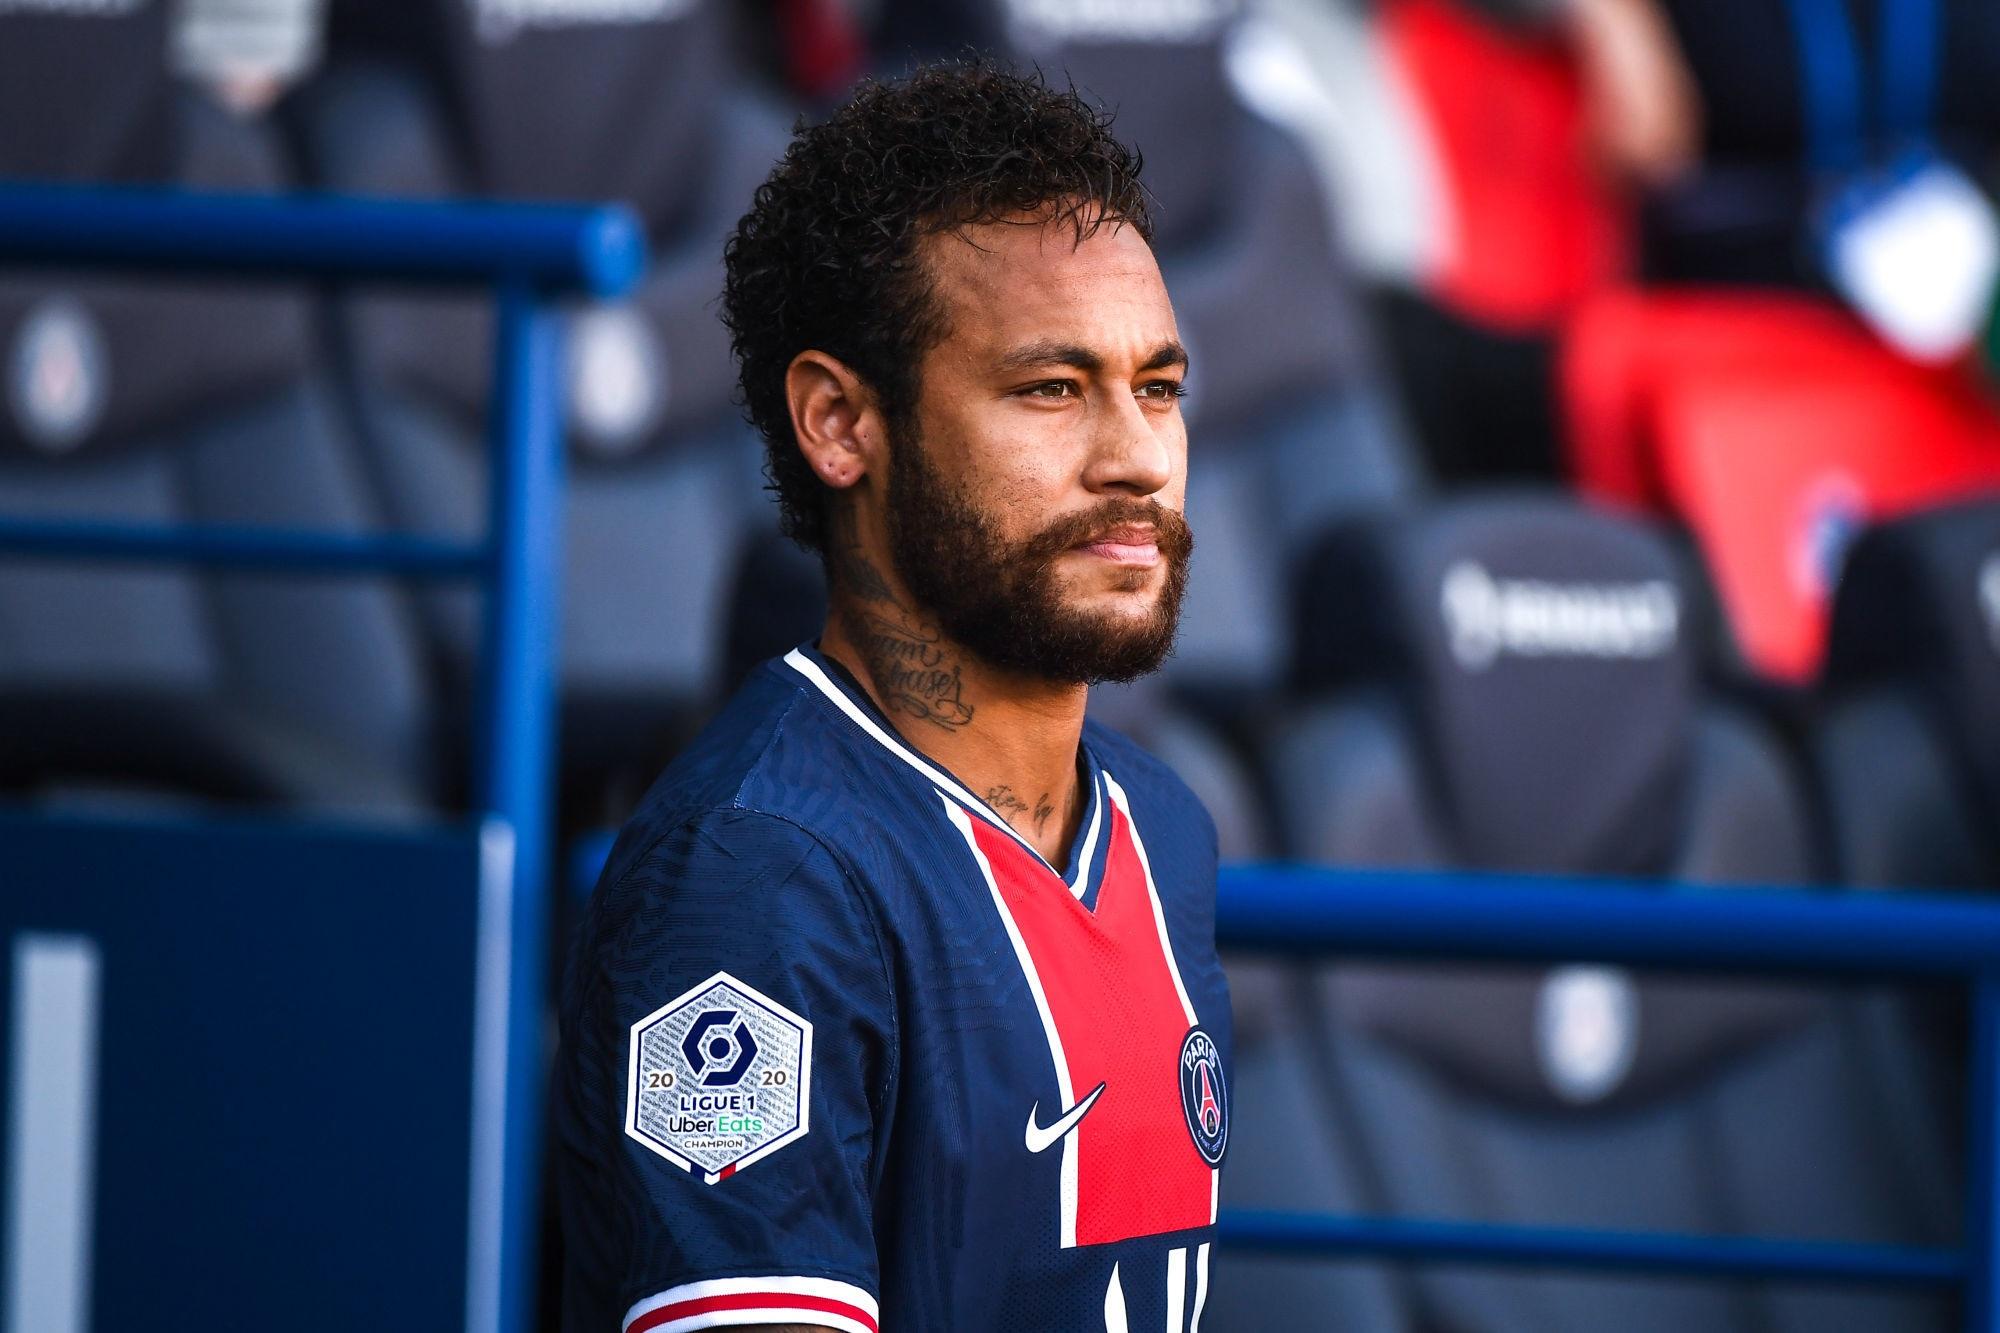 Mercato - Neymar et le PSG attendent la fin de saison pour parler prolongation, selon Le Parisien